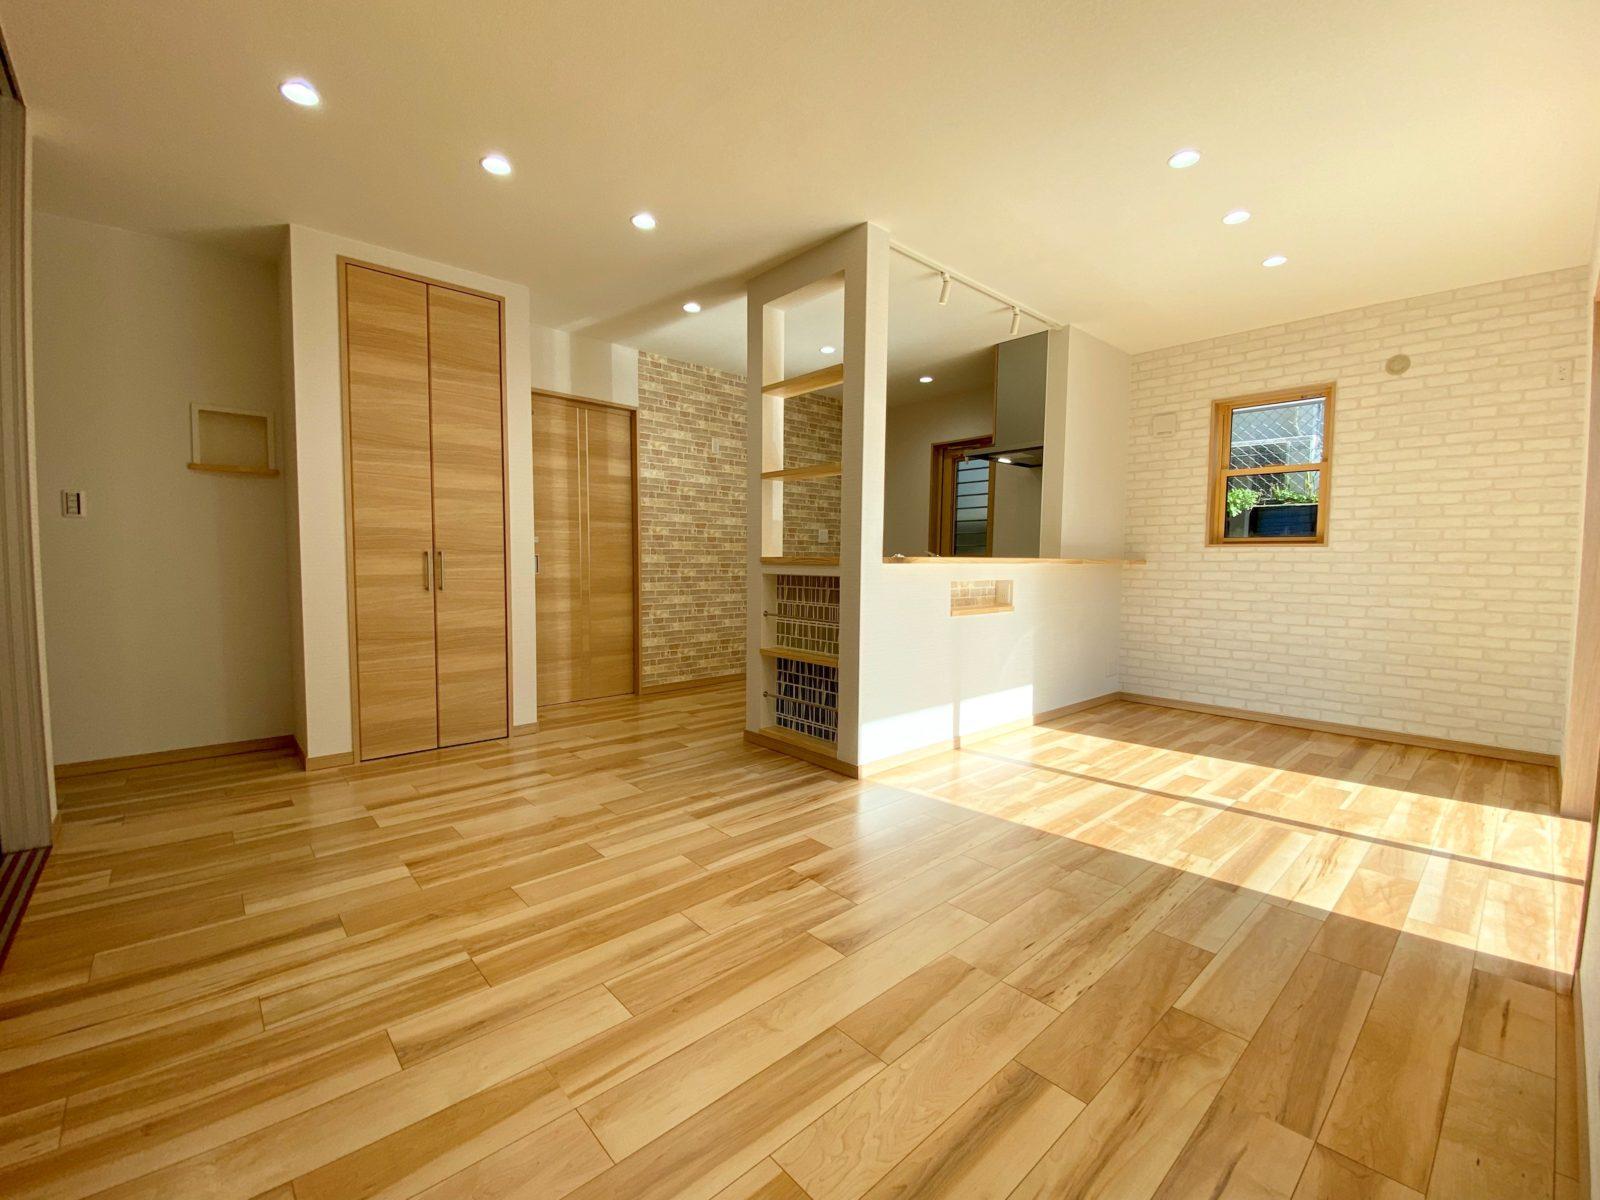 家事を楽しく、効率よくできるラク家事動線のお家 オープンハウス【鹿児島市】